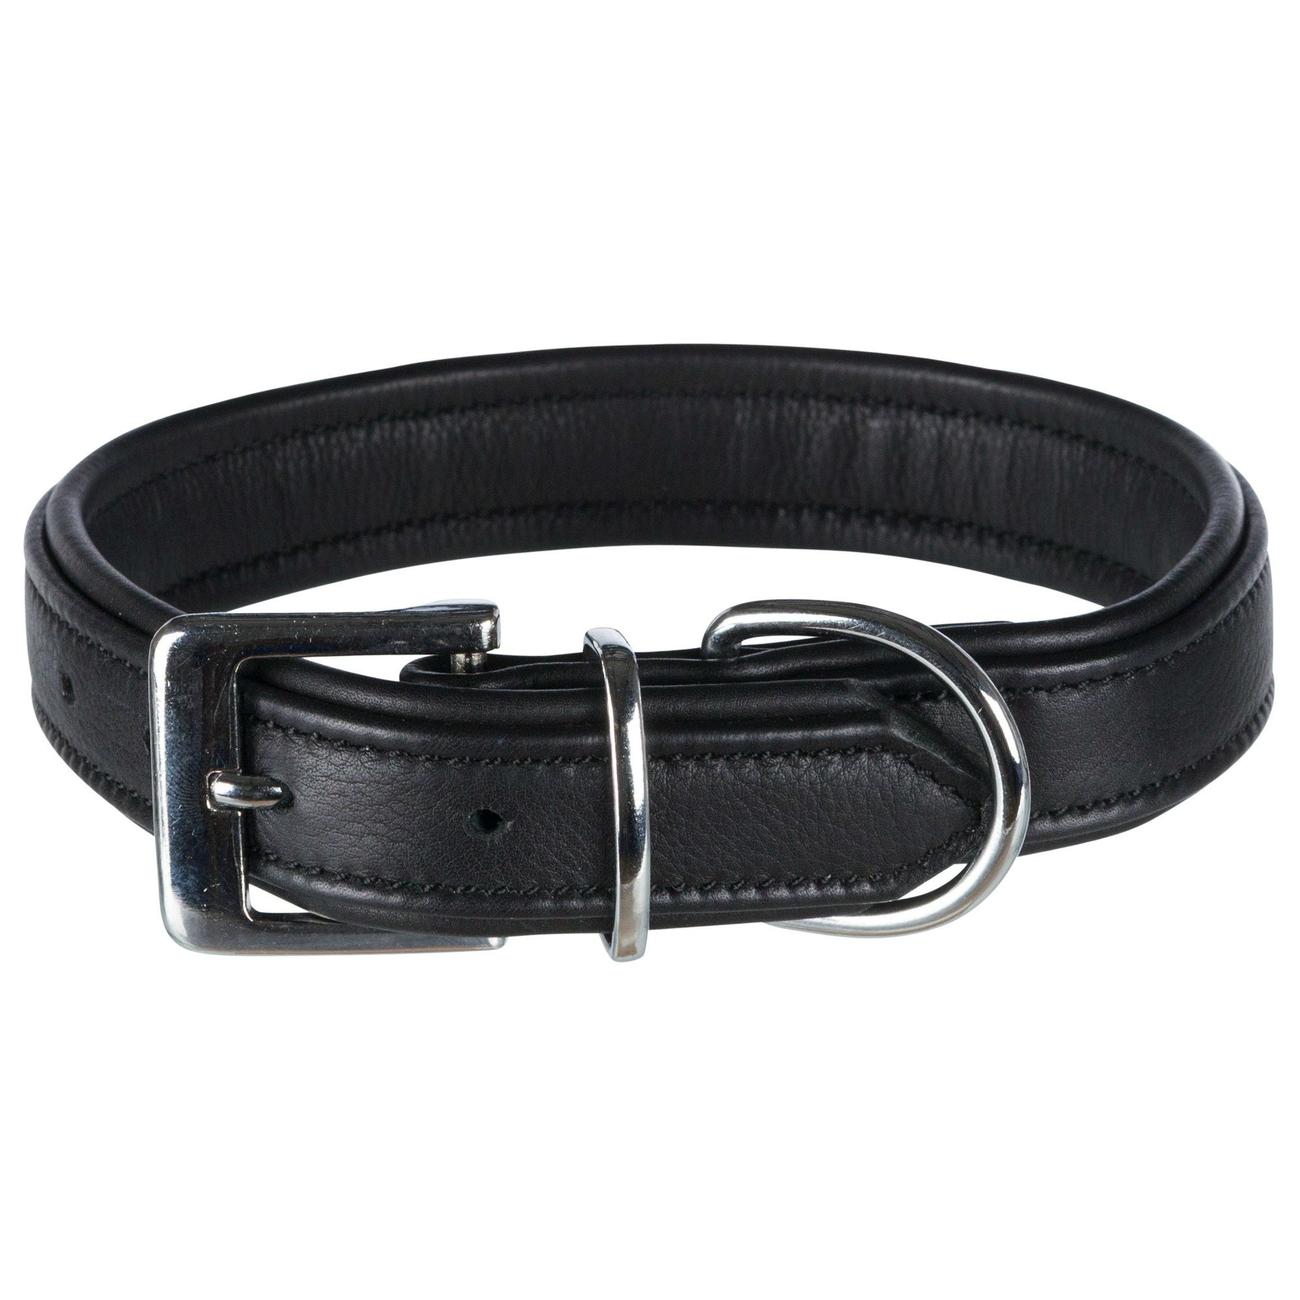 Trixie Active Comfort Hunde Halsband Leder 18944, Bild 3